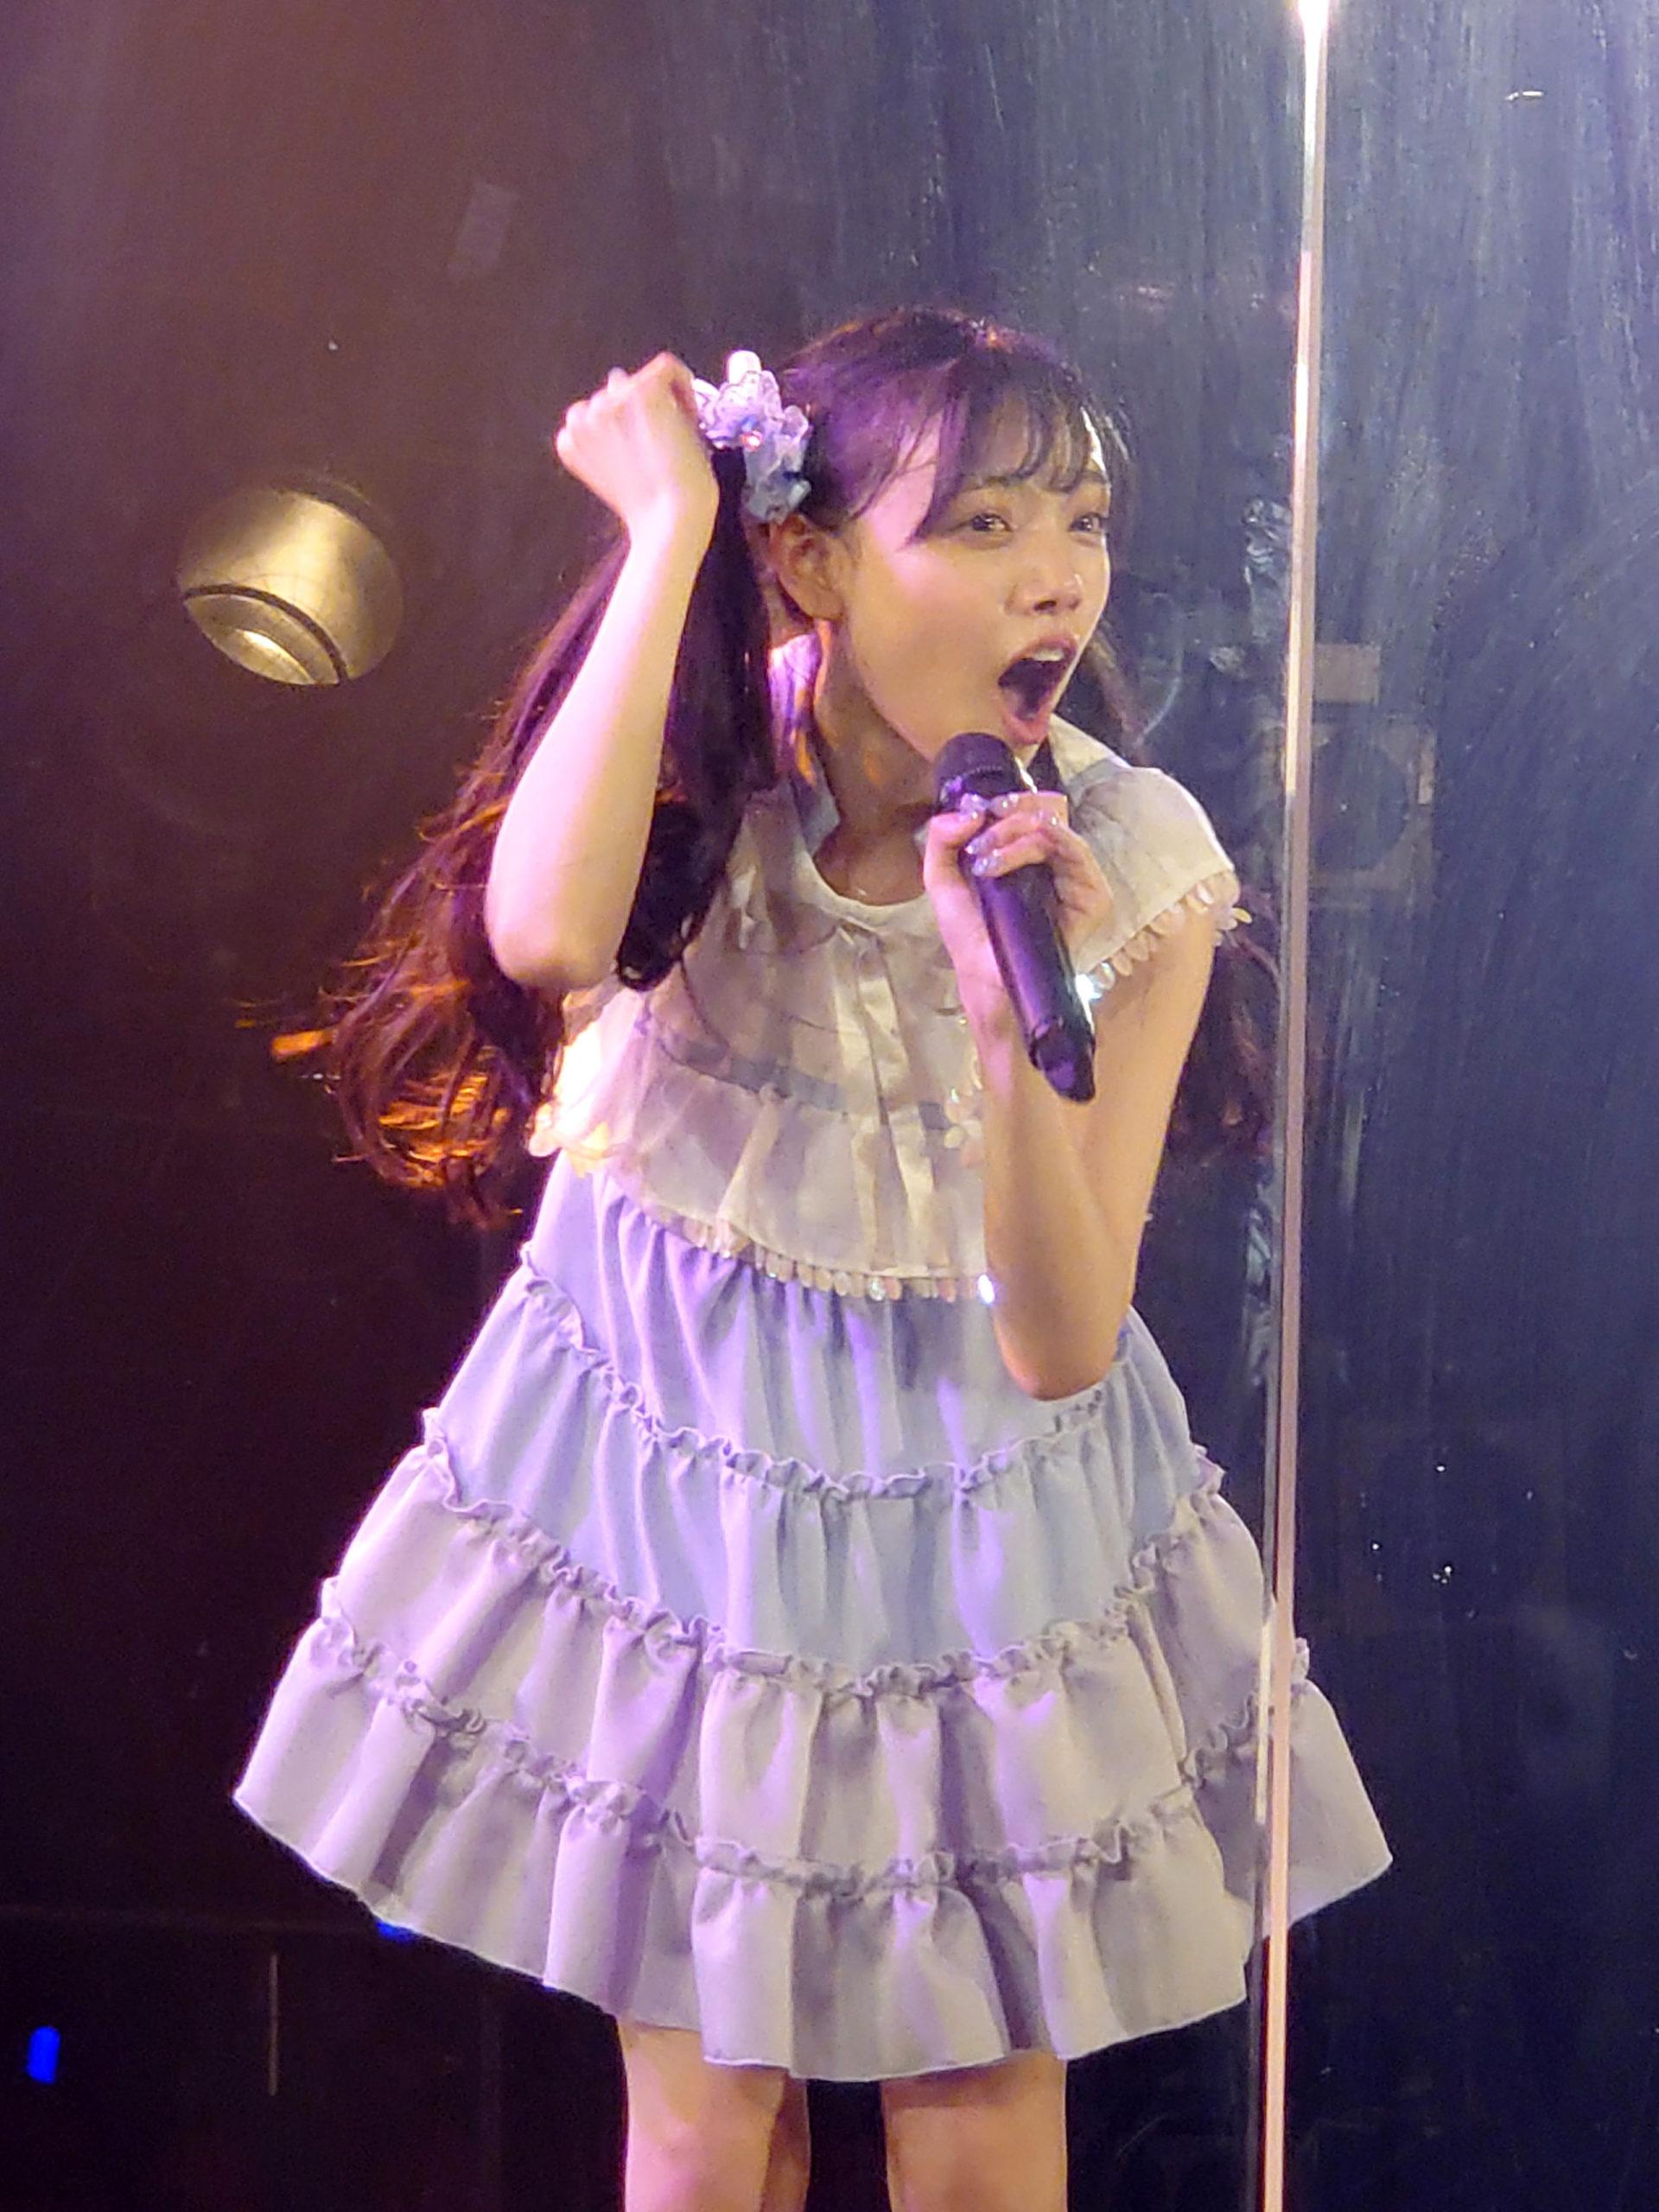 吉橋亜理砂(Ange☆Reve)24歳の生誕祭ライブ。2020年7月24日、渋谷クラブクアトロにて。